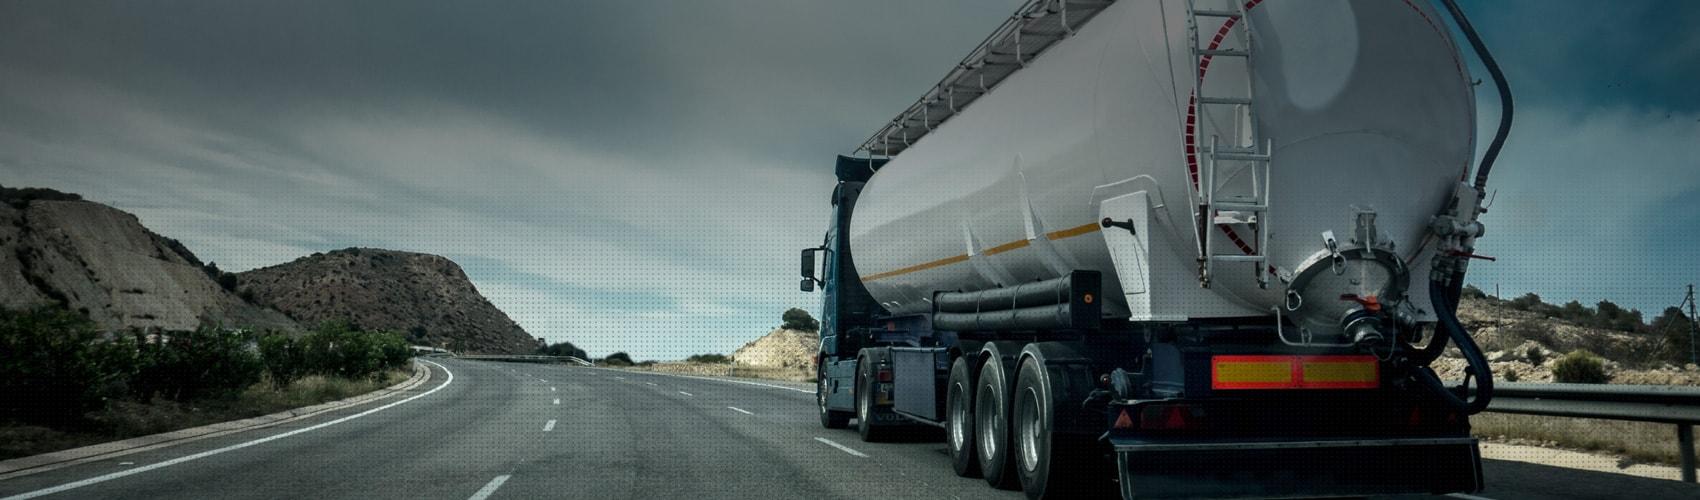 oil & gas fleet management